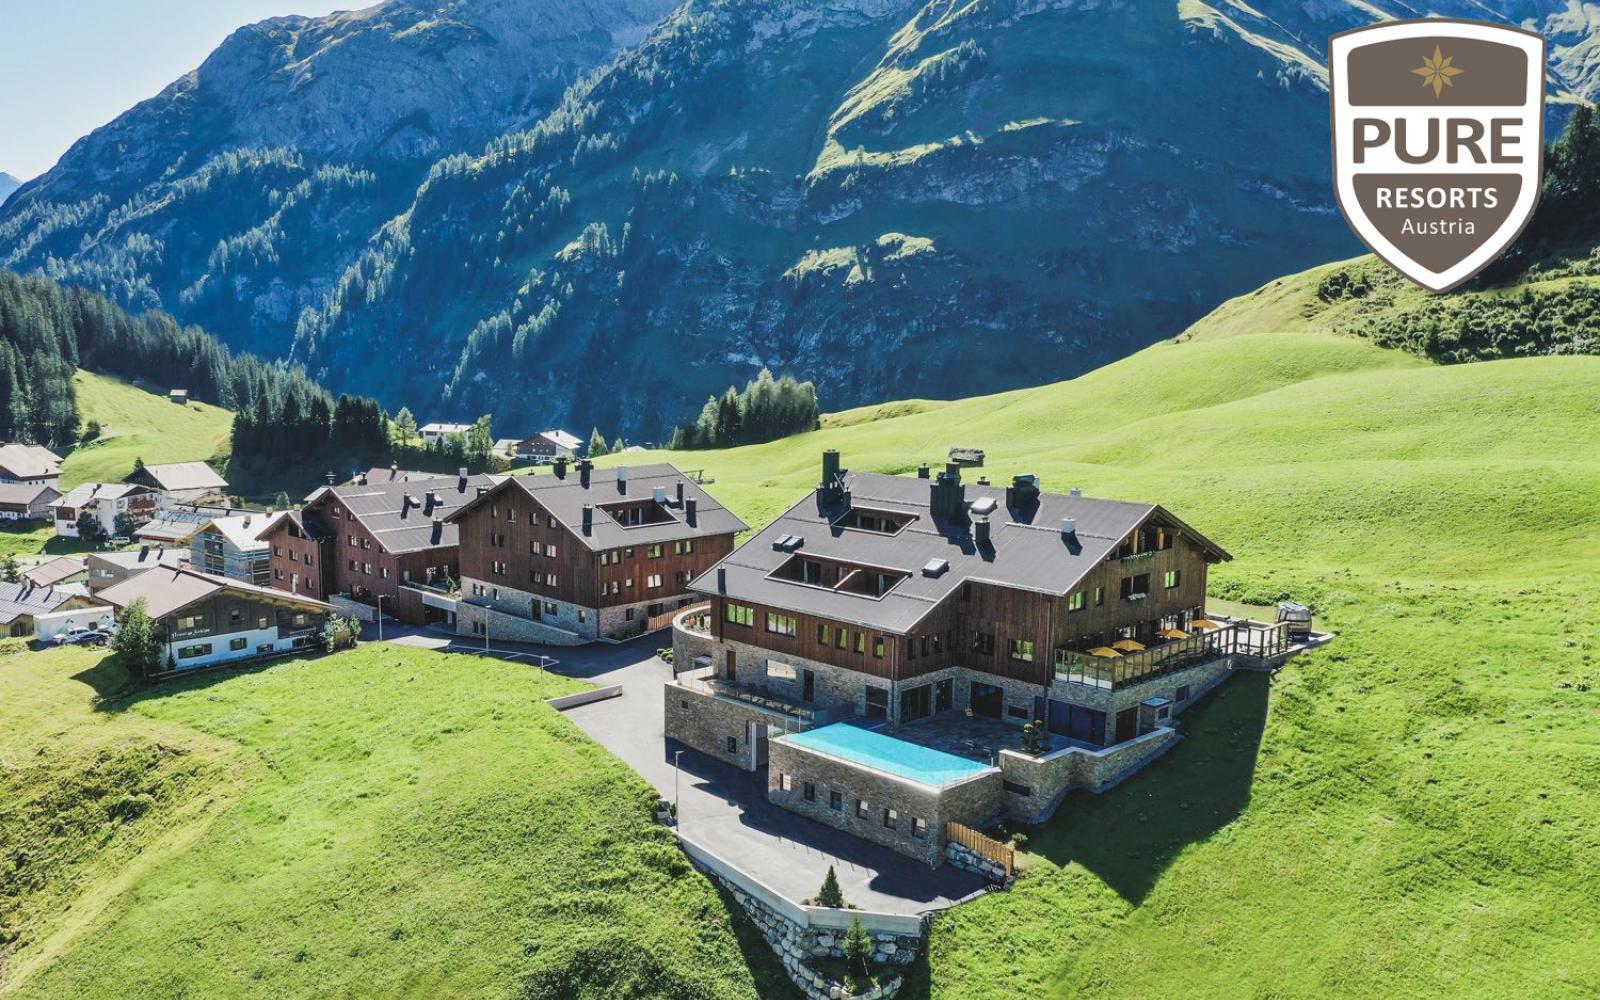 Zin in vakantie in de bergen? Win vier nachten in een luxe resort in de Alpen